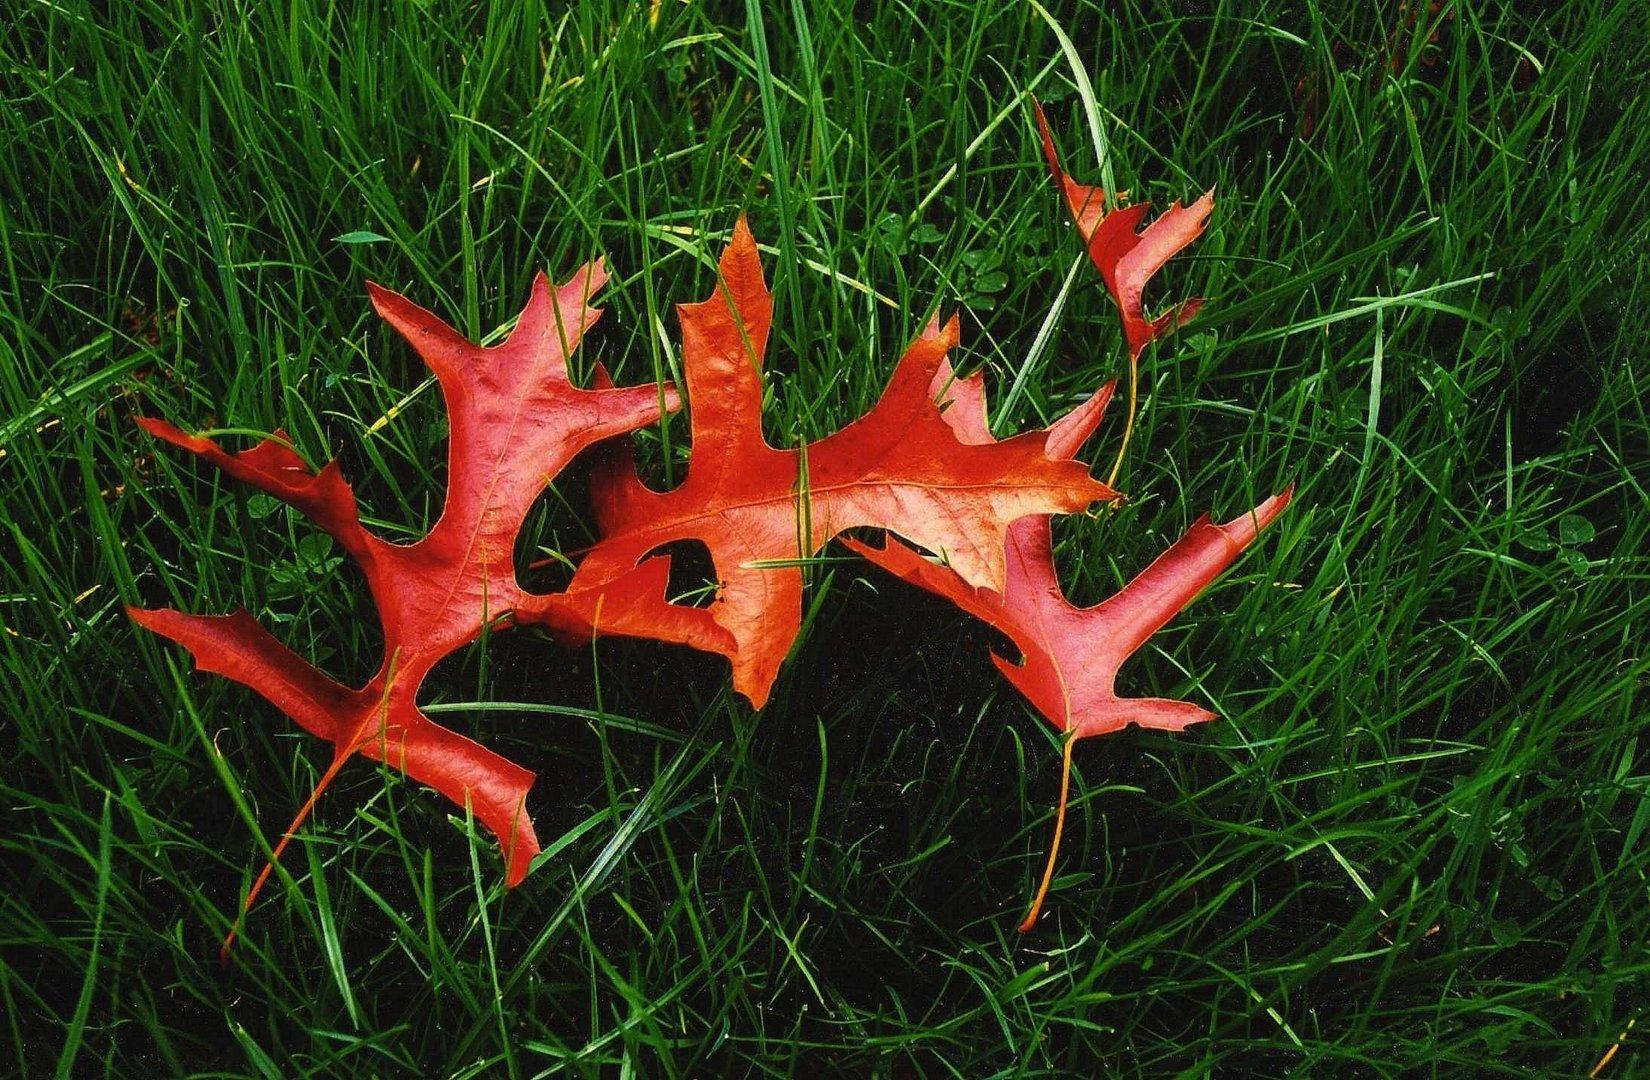 Les quatre feuilles rouges